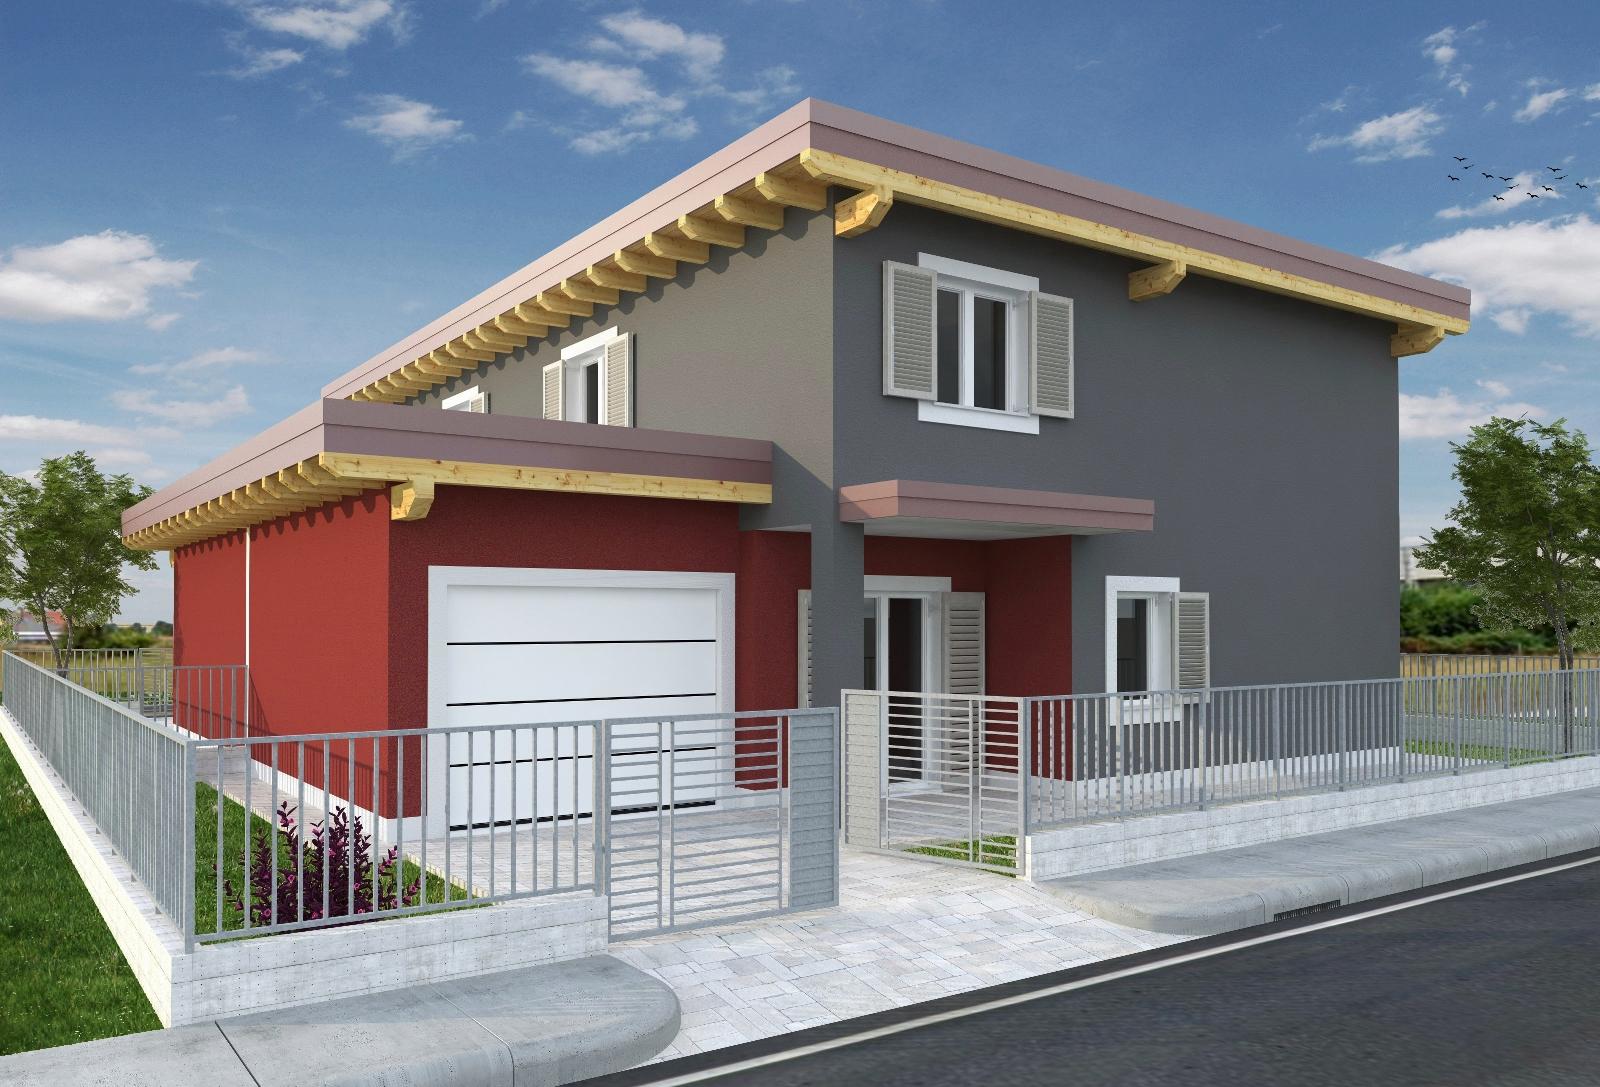 Case in xlam pomhaus s r l villetta bifamiliare for Piani di costruzione casa moderna